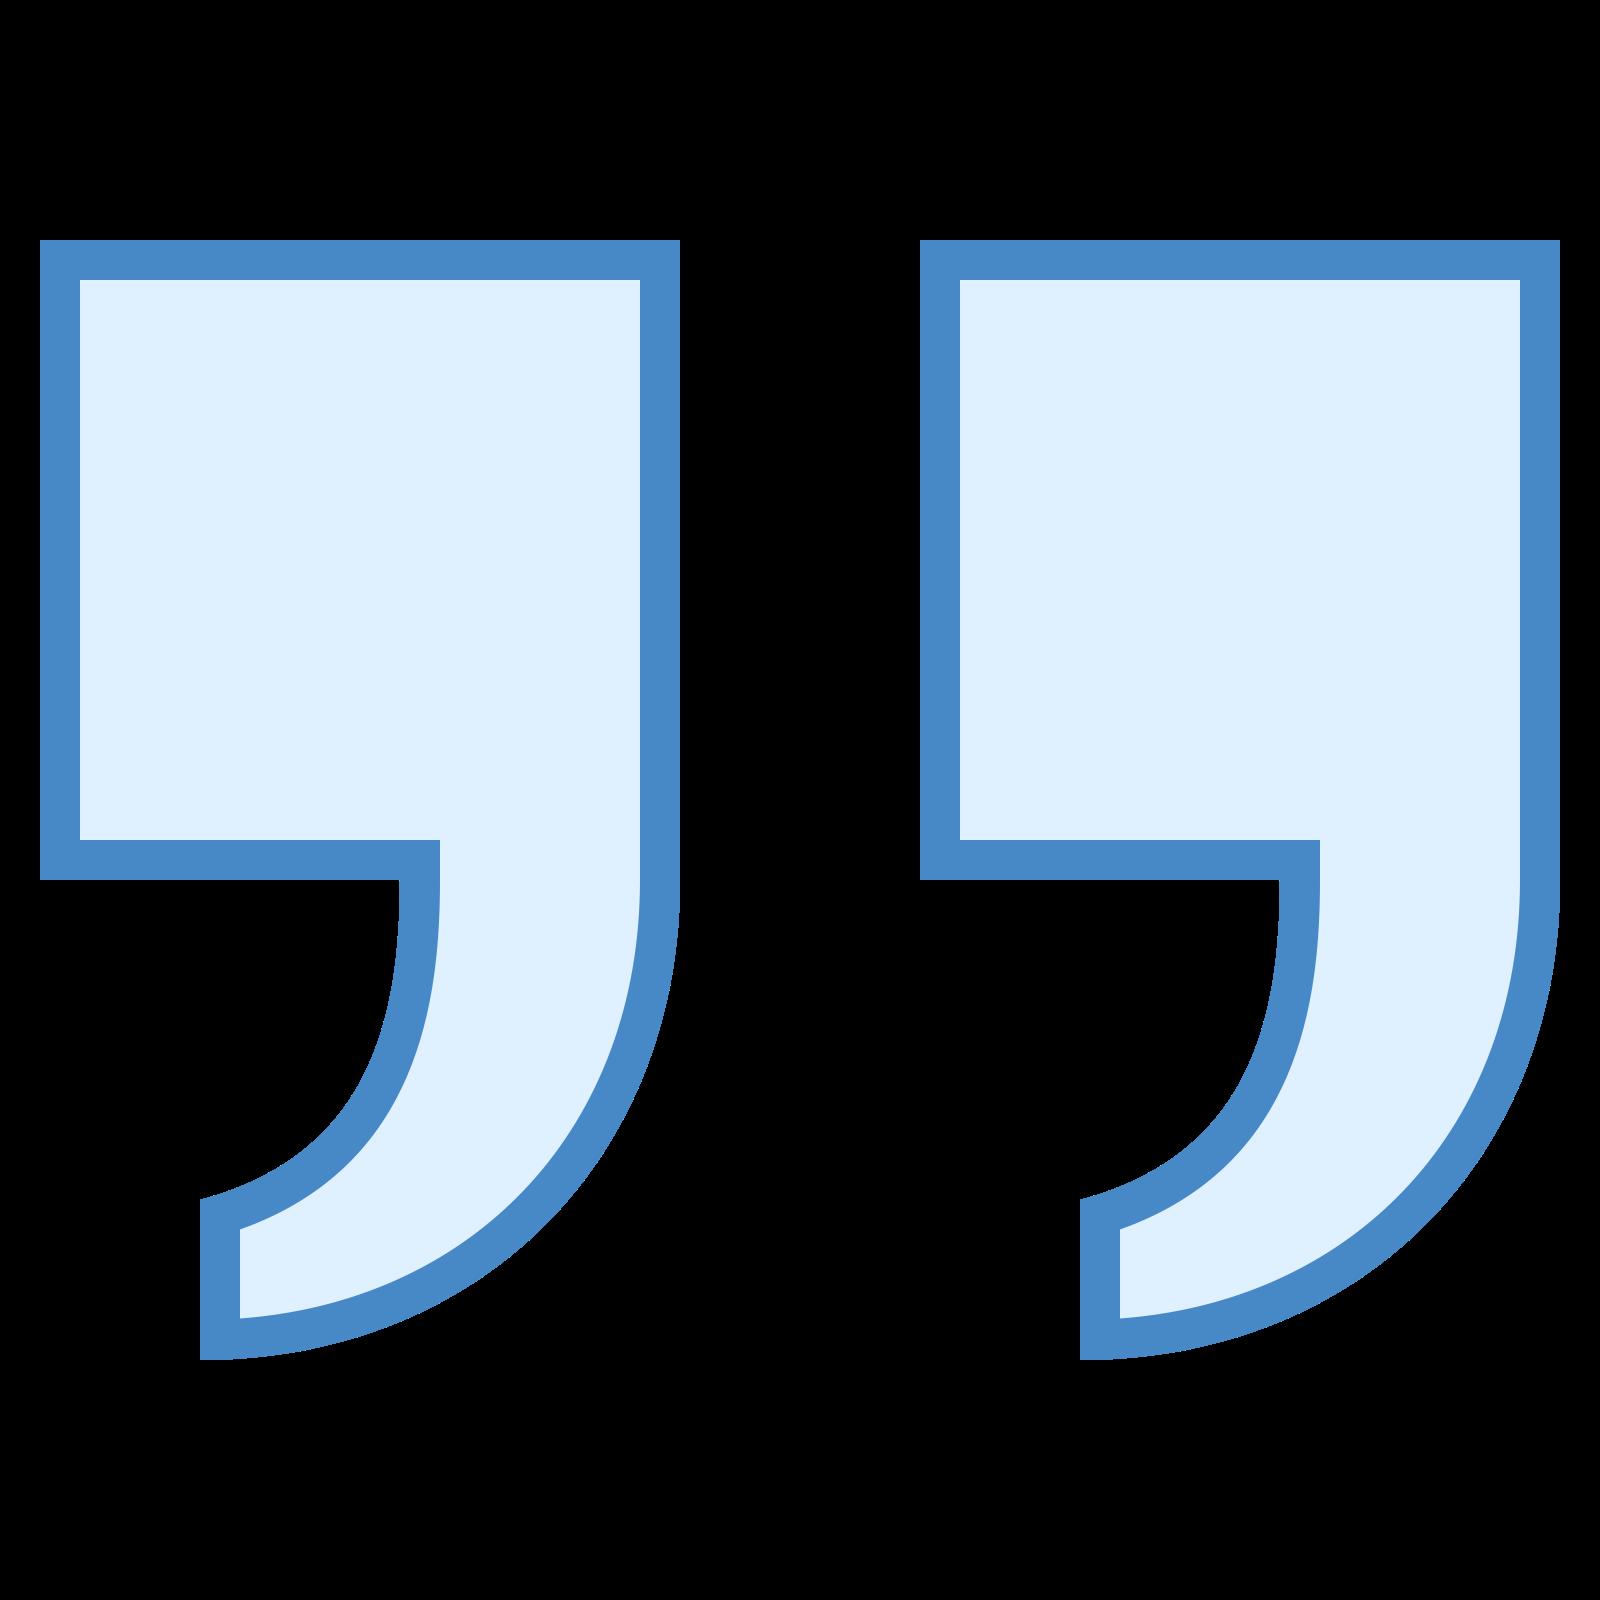 Cytat z prawej icon